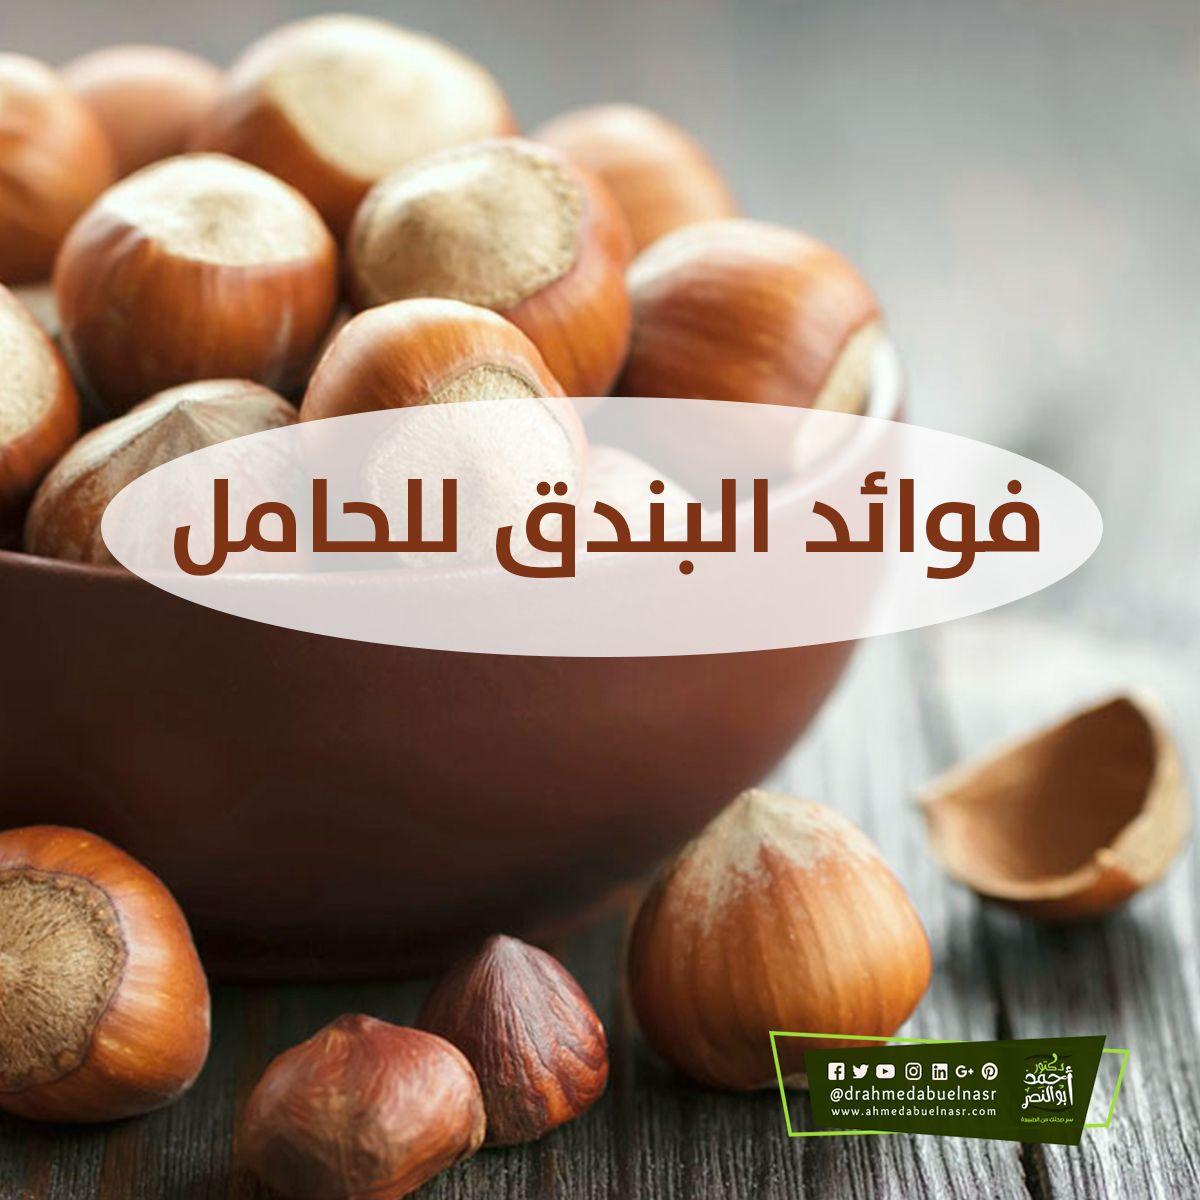 فوائد البندق للحامل Vegetables Food Garlic